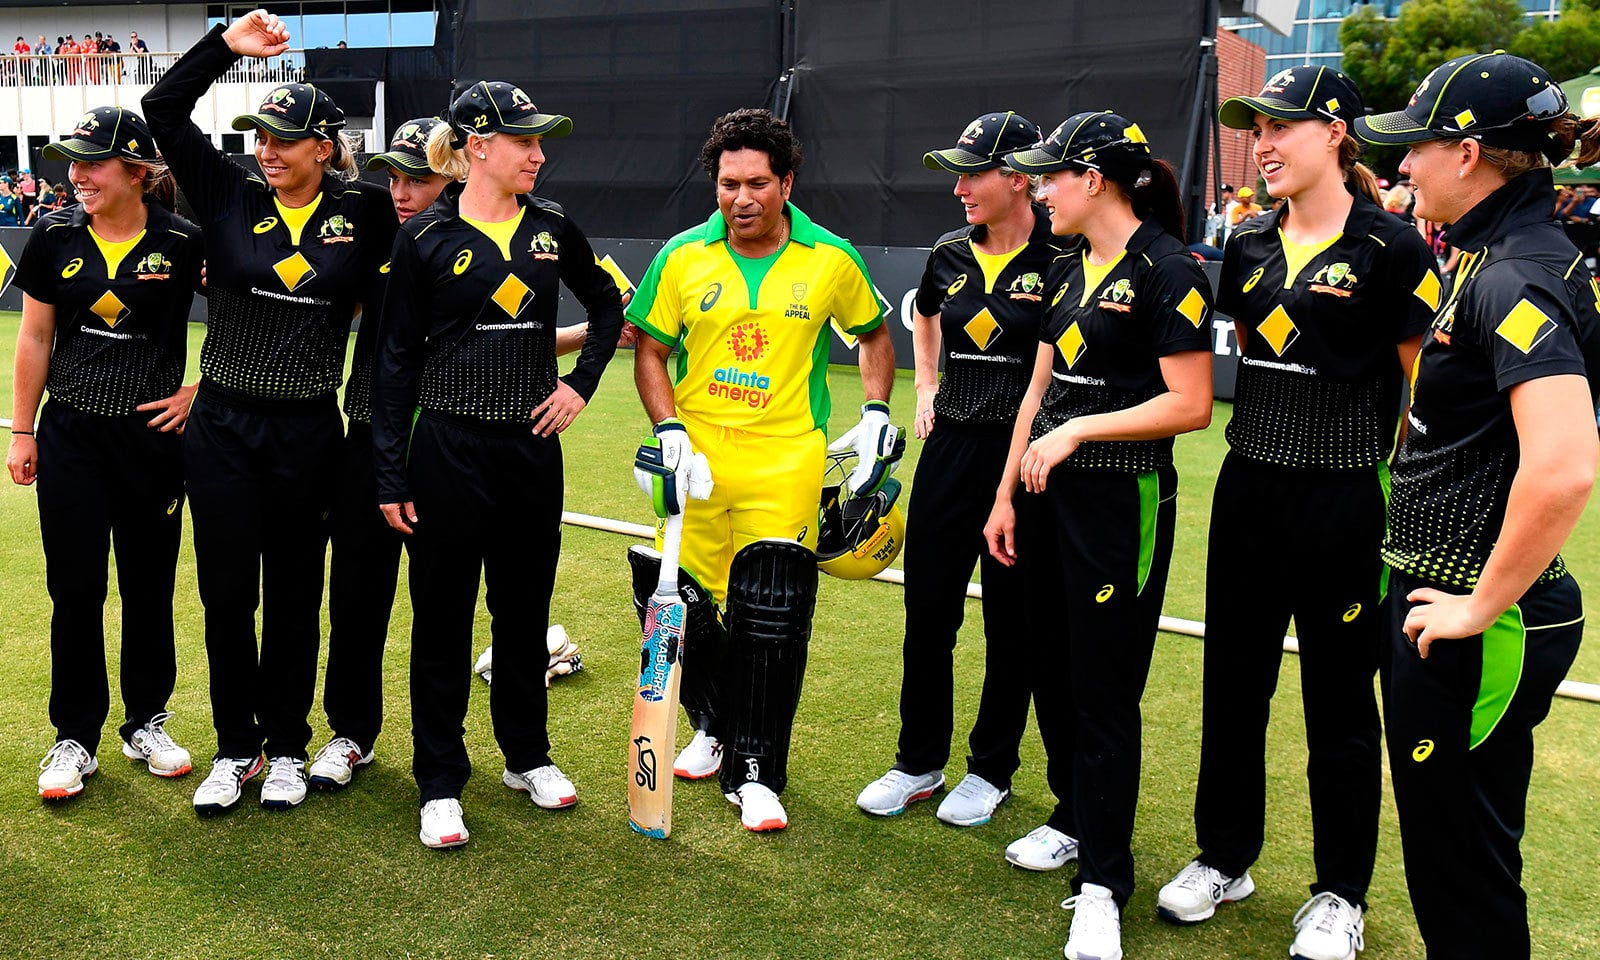 بھارت کے عظیم بلے باز سچن ٹنڈولکر نے سیلبریٹی میچ کے دوران آسٹریلیا کی ویمن ٹیم سے ملاقات بھی کی—فوٹو:اے ایف پی